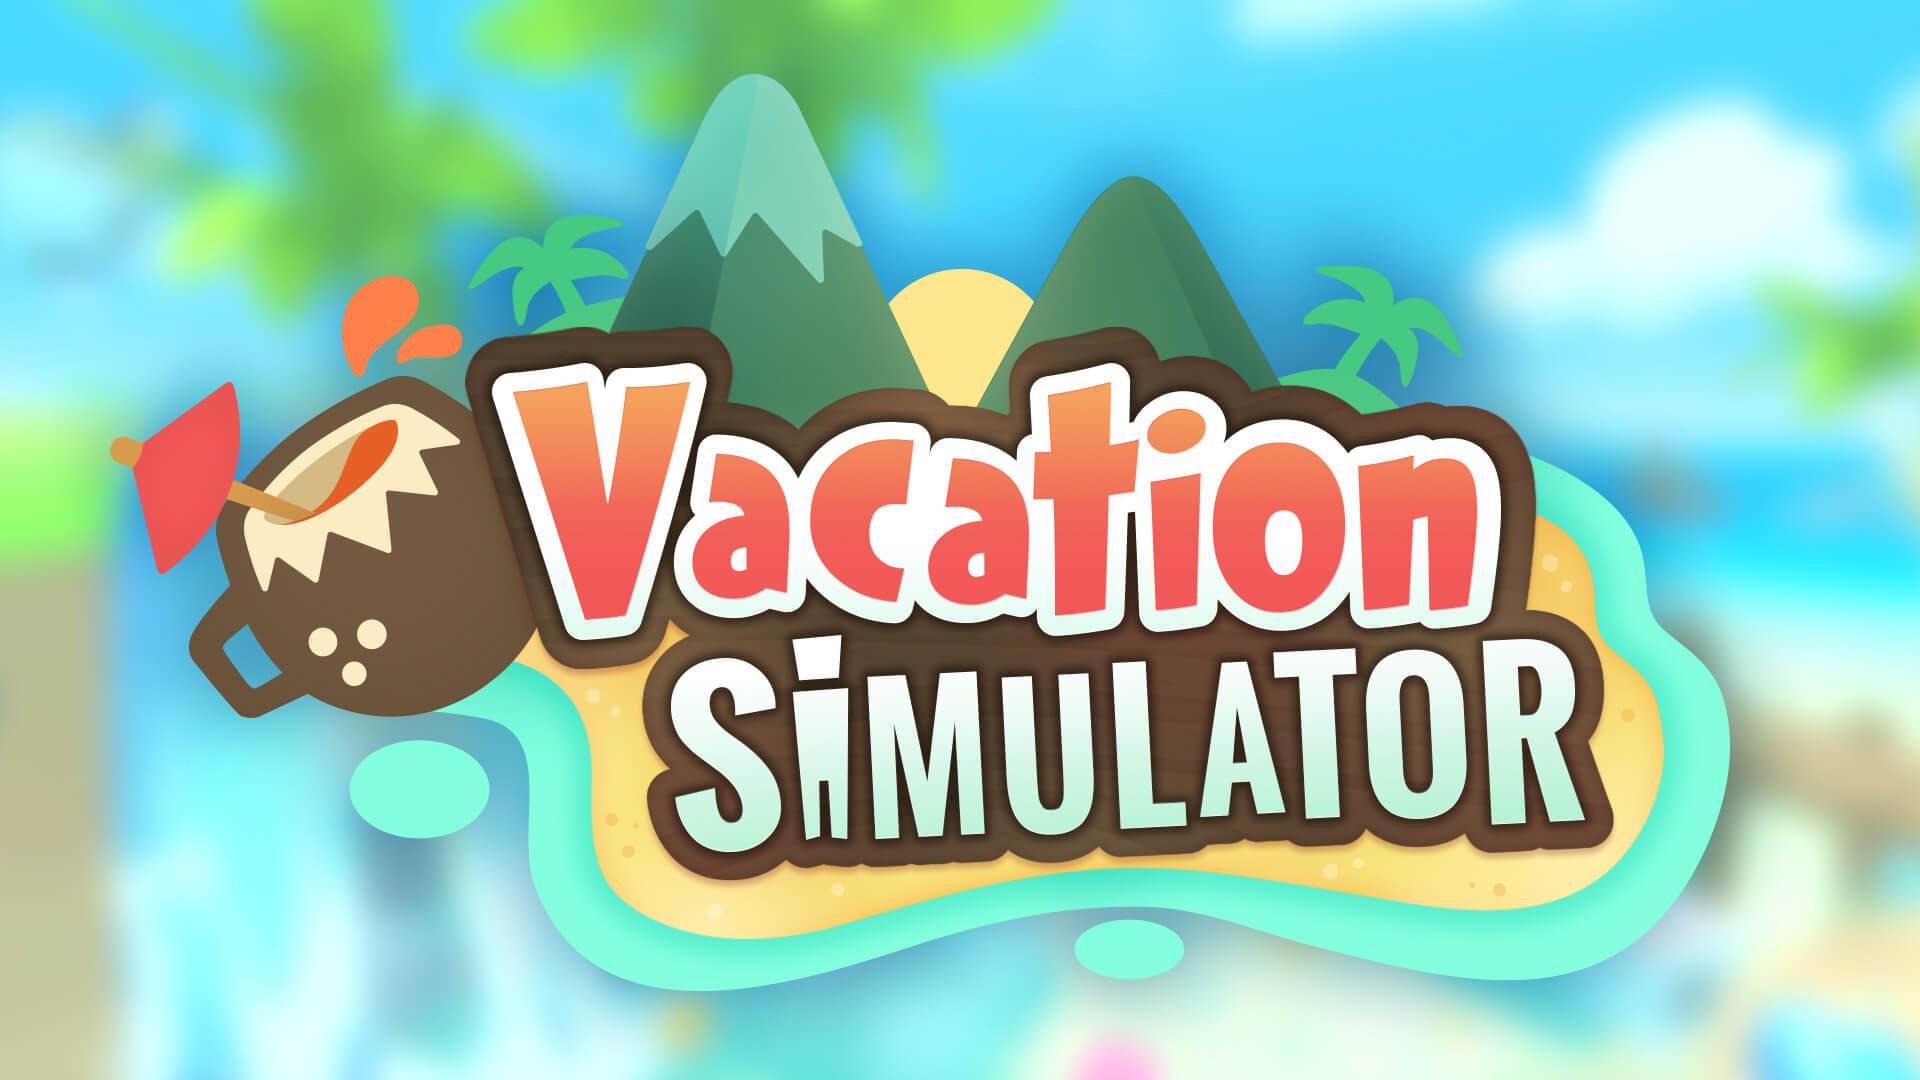 vacation simulator logo wallpaper 67987